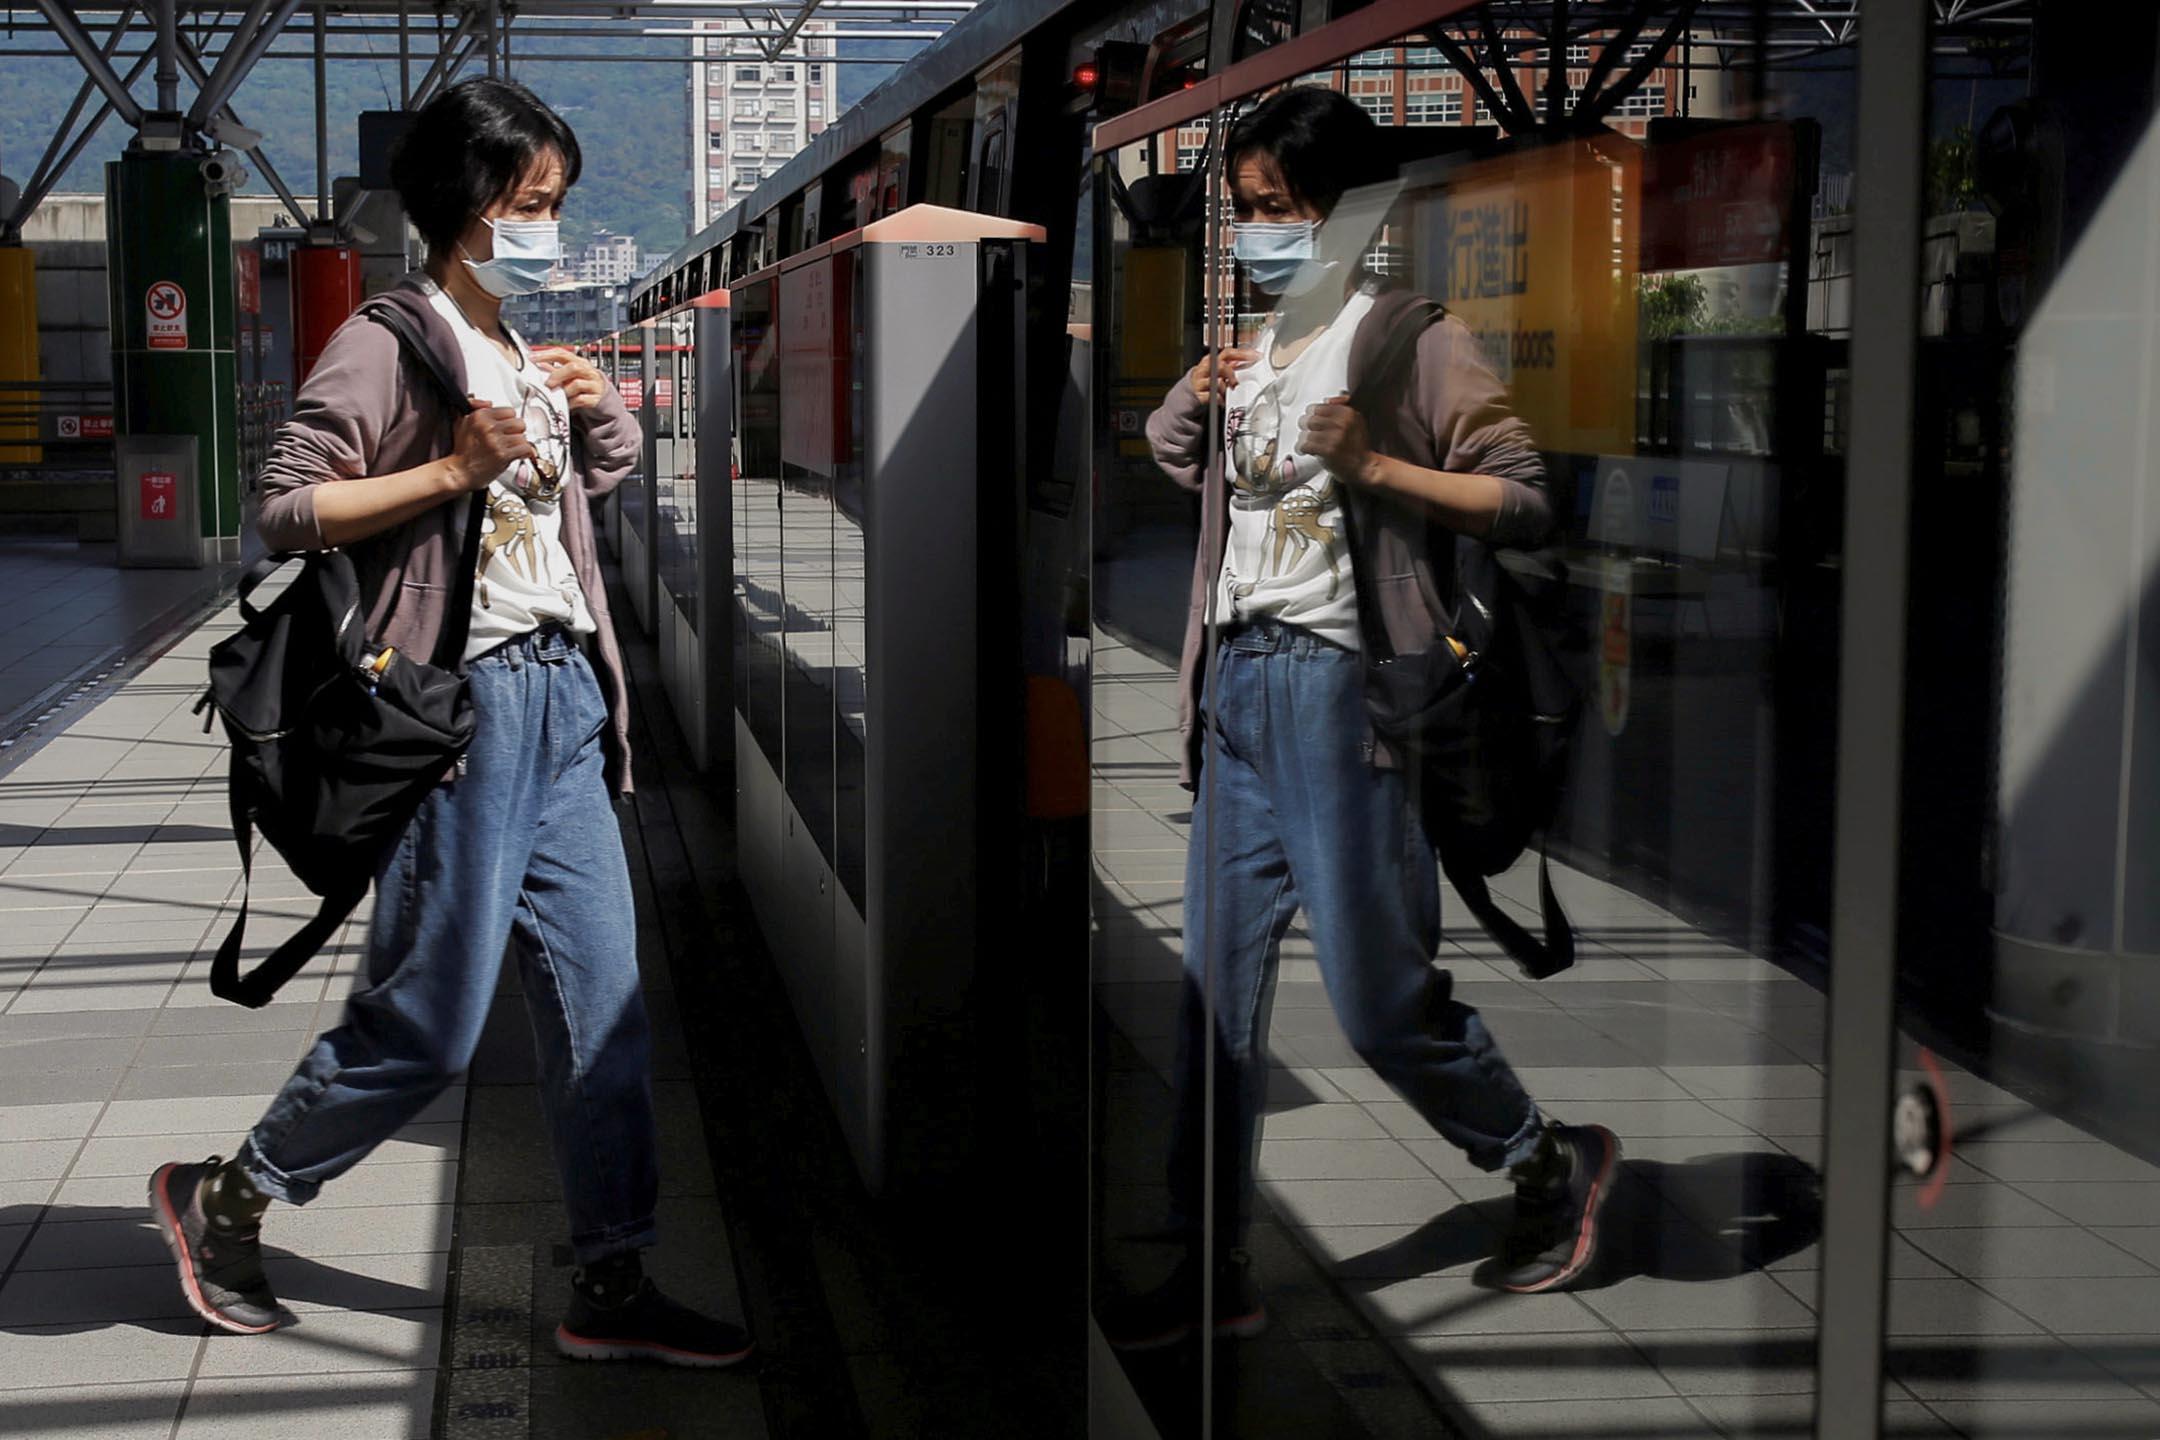 2020年4月30日台北,一名婦女戴著口罩乘搭捷運。